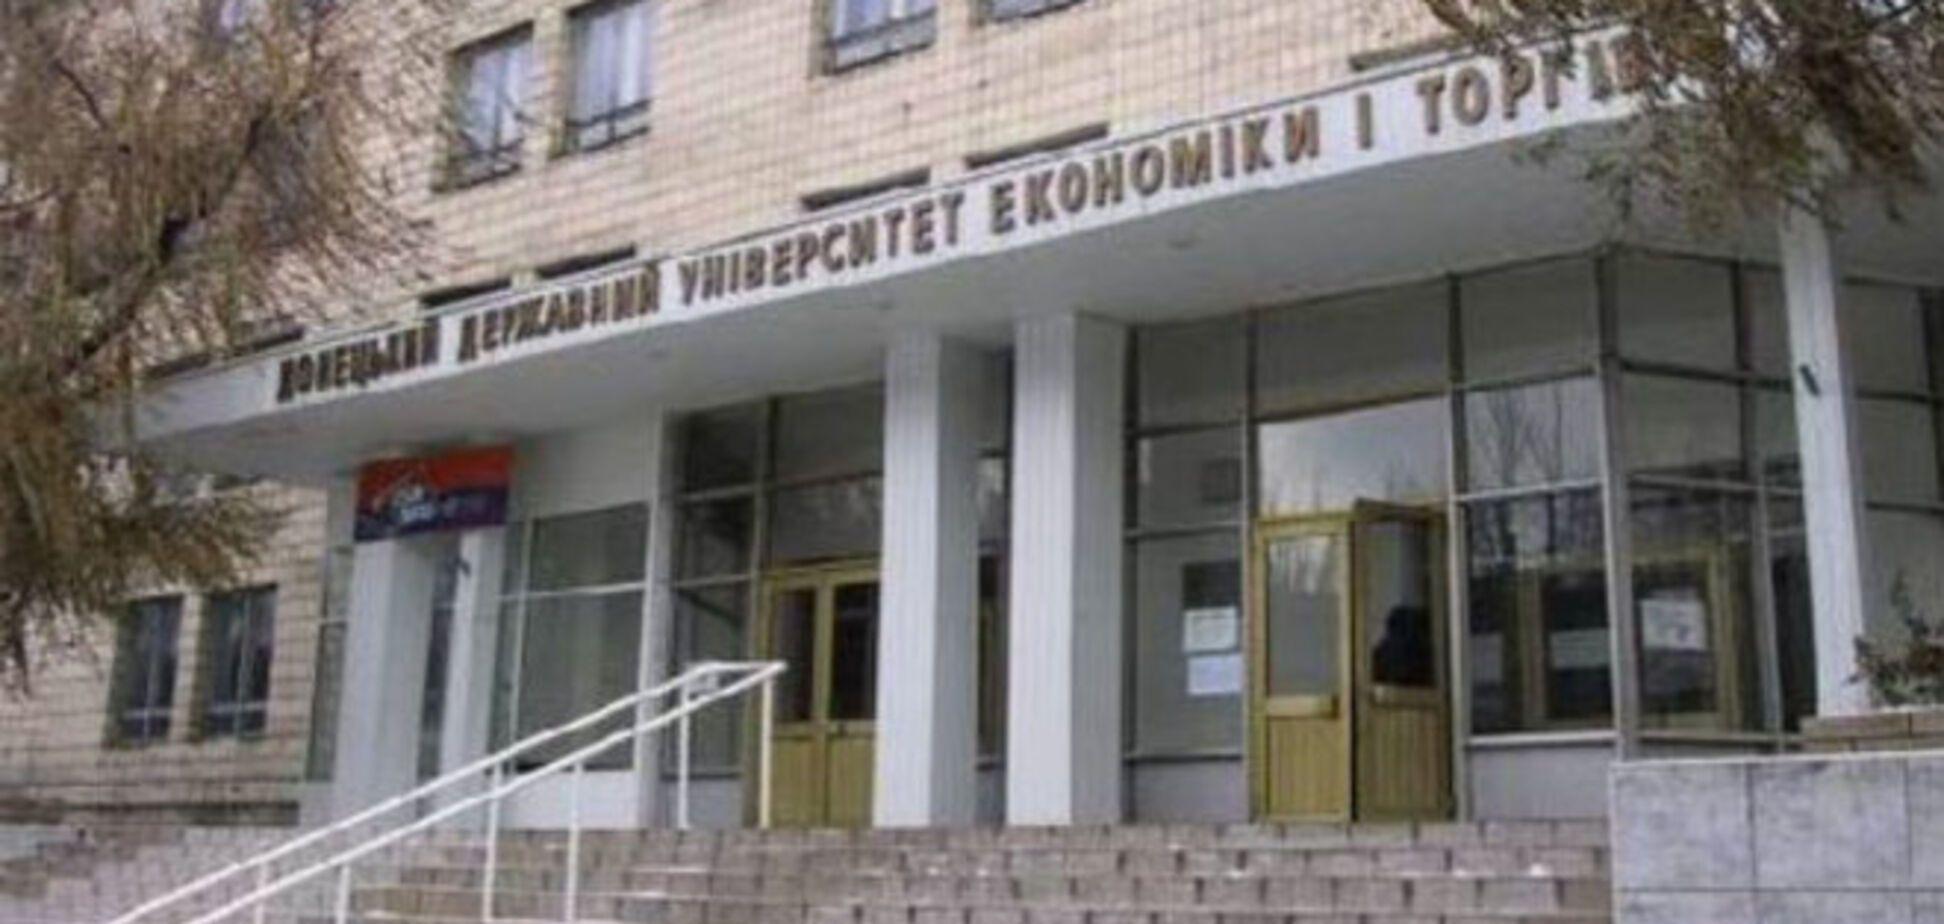 ДНРовцы захватили Донецкий университет и назначили своего 'ректора'